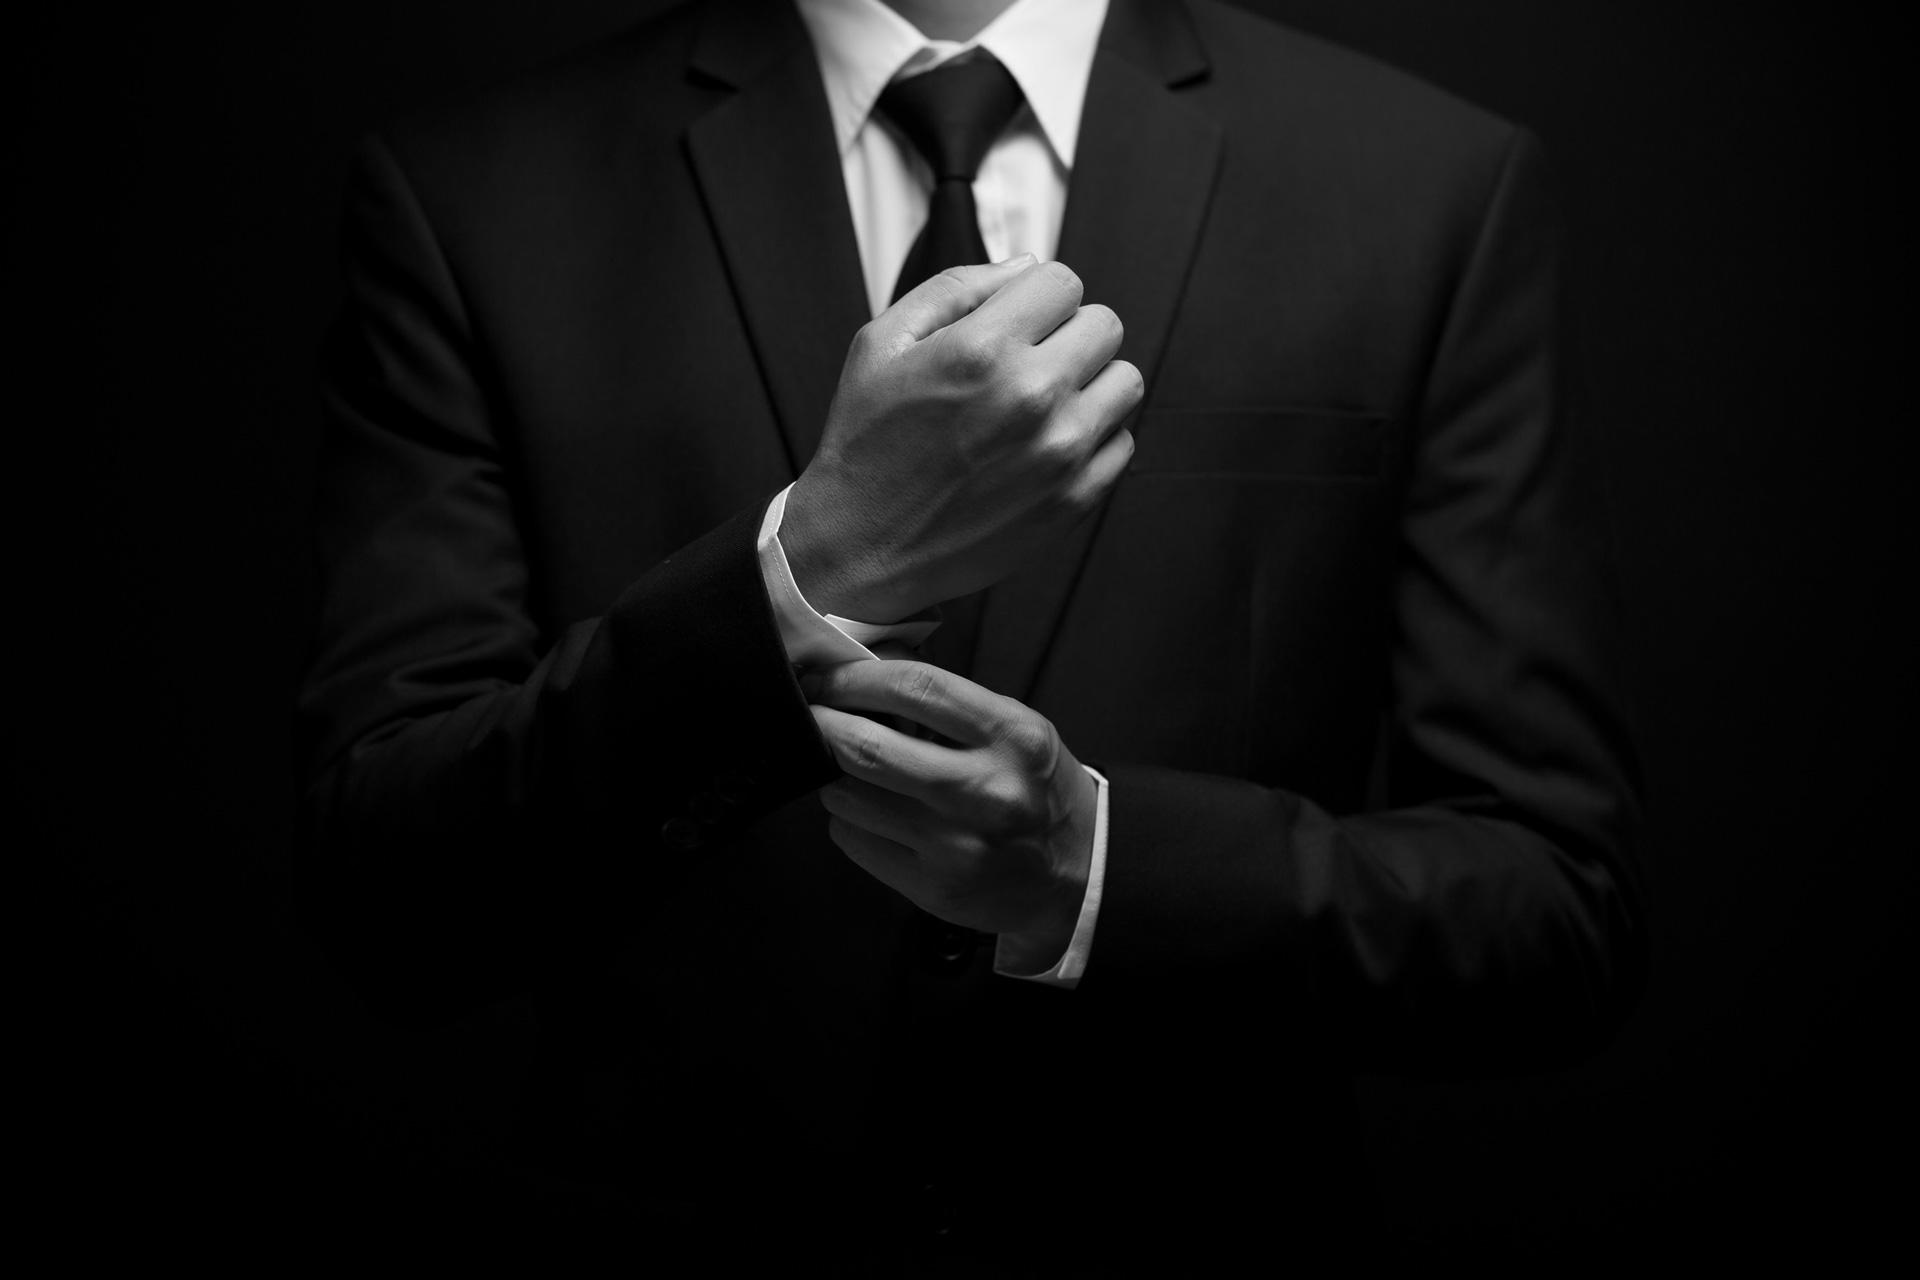 Werbeagentur gaxweb gmbh internetagentur karlsruhe for Werbeagentur karlsruhe